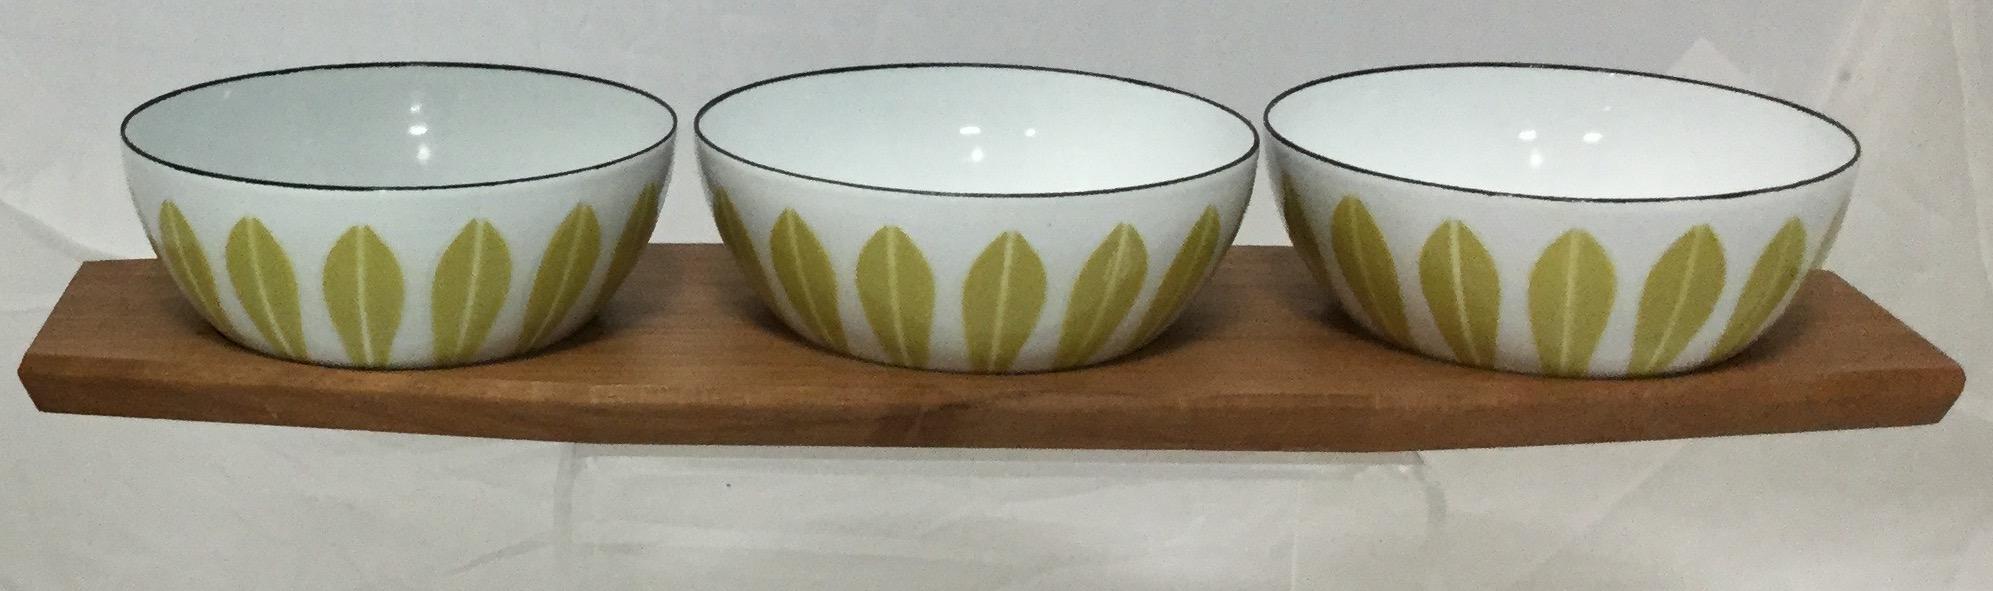 Three-Small-Enamel-Bowls-and-Tray_58255B.jpg